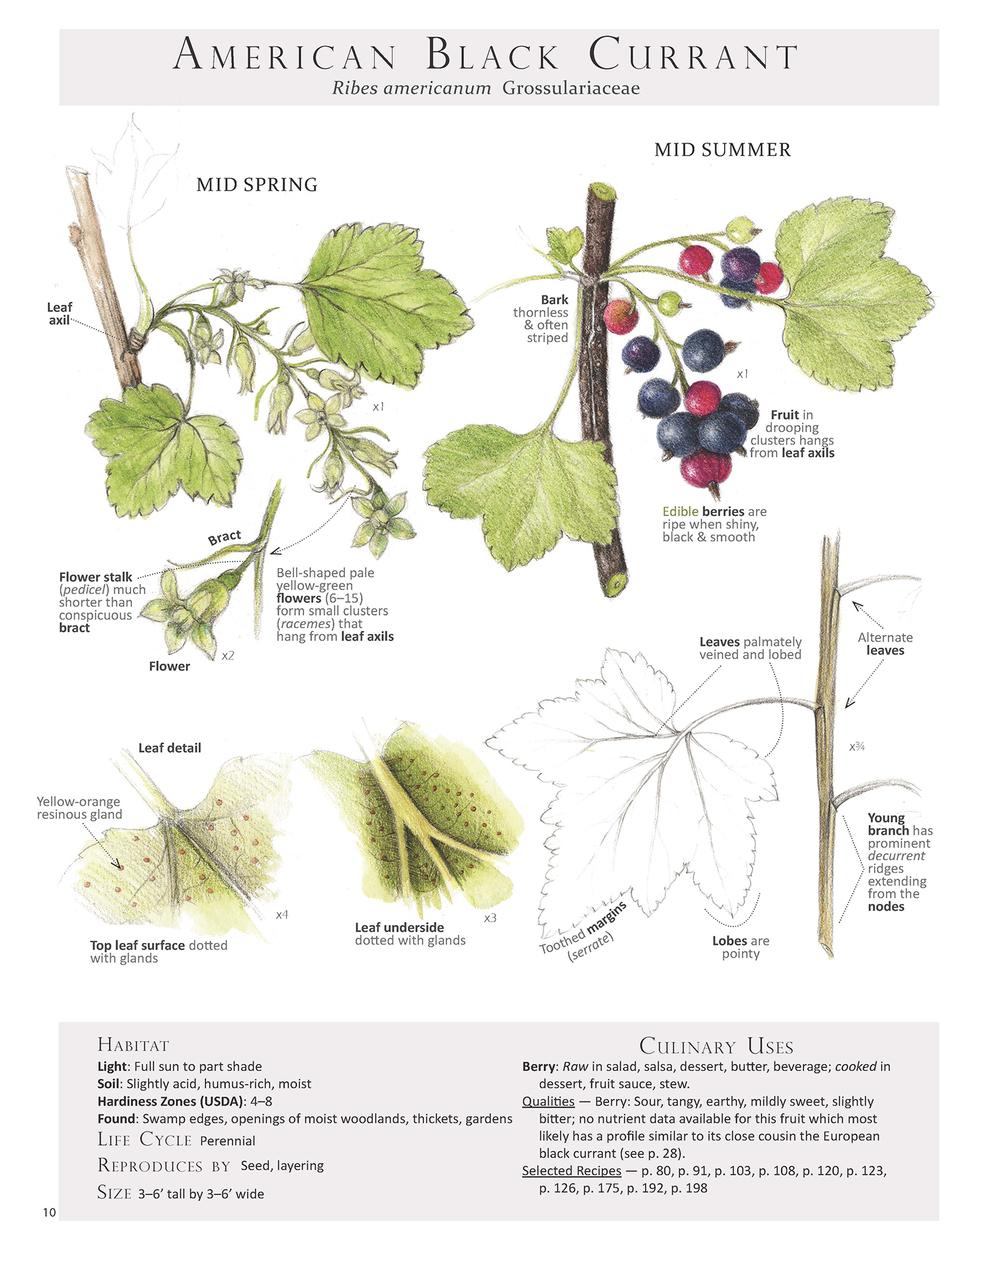 American Black Currant - Ribes americanum